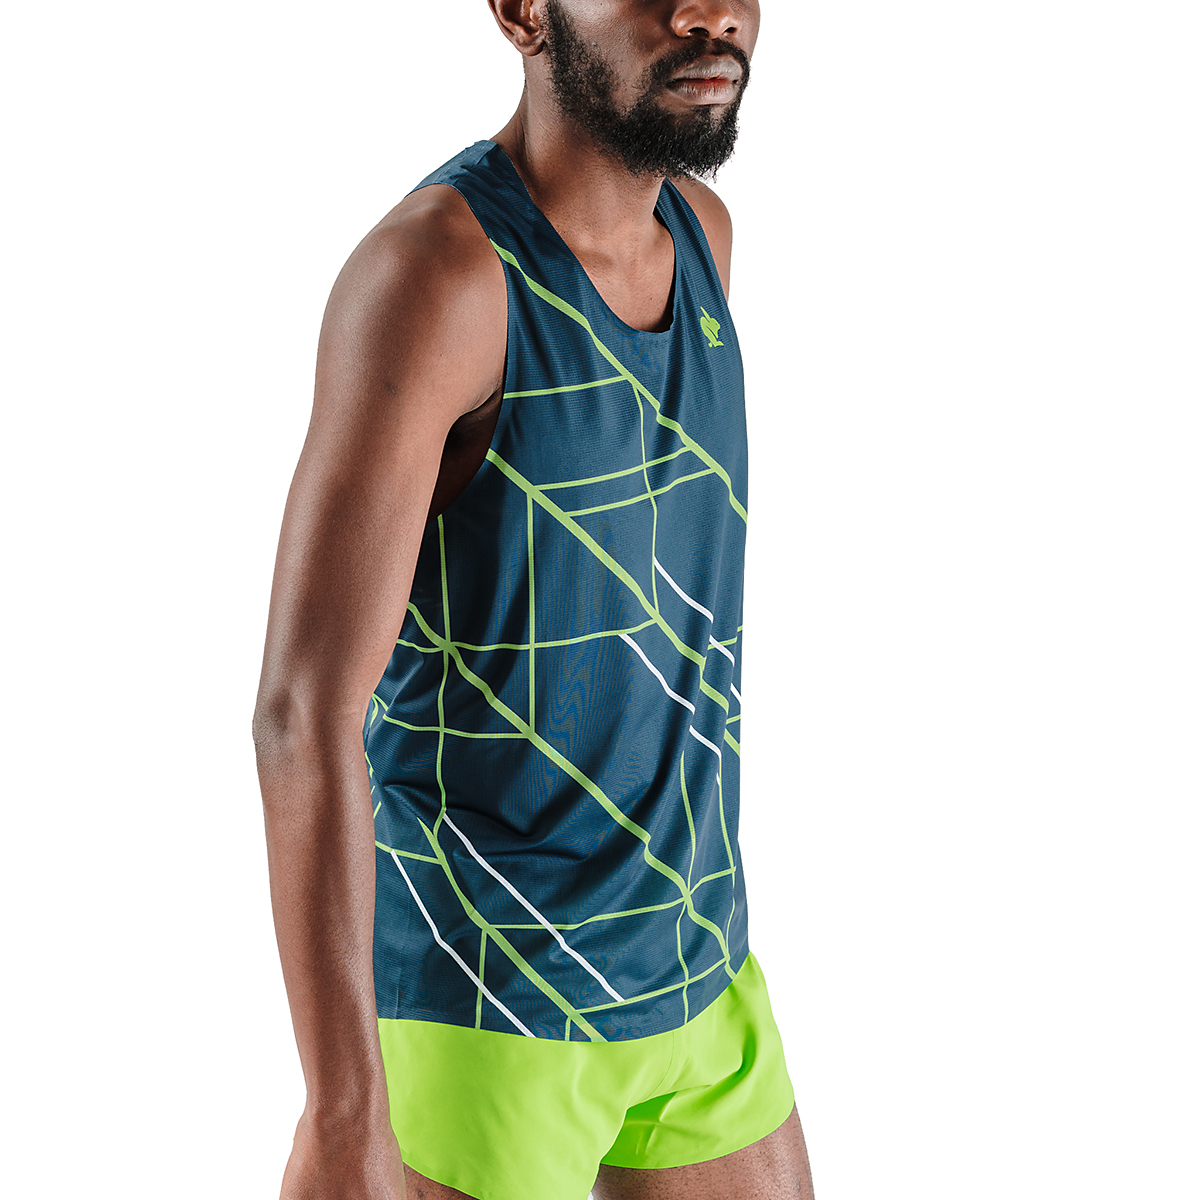 Men's Rabbit Speedeez Singlet - Color: Dress Blues/Green Gecko - Size: XS, Dress Blues/Green Gecko, large, image 4